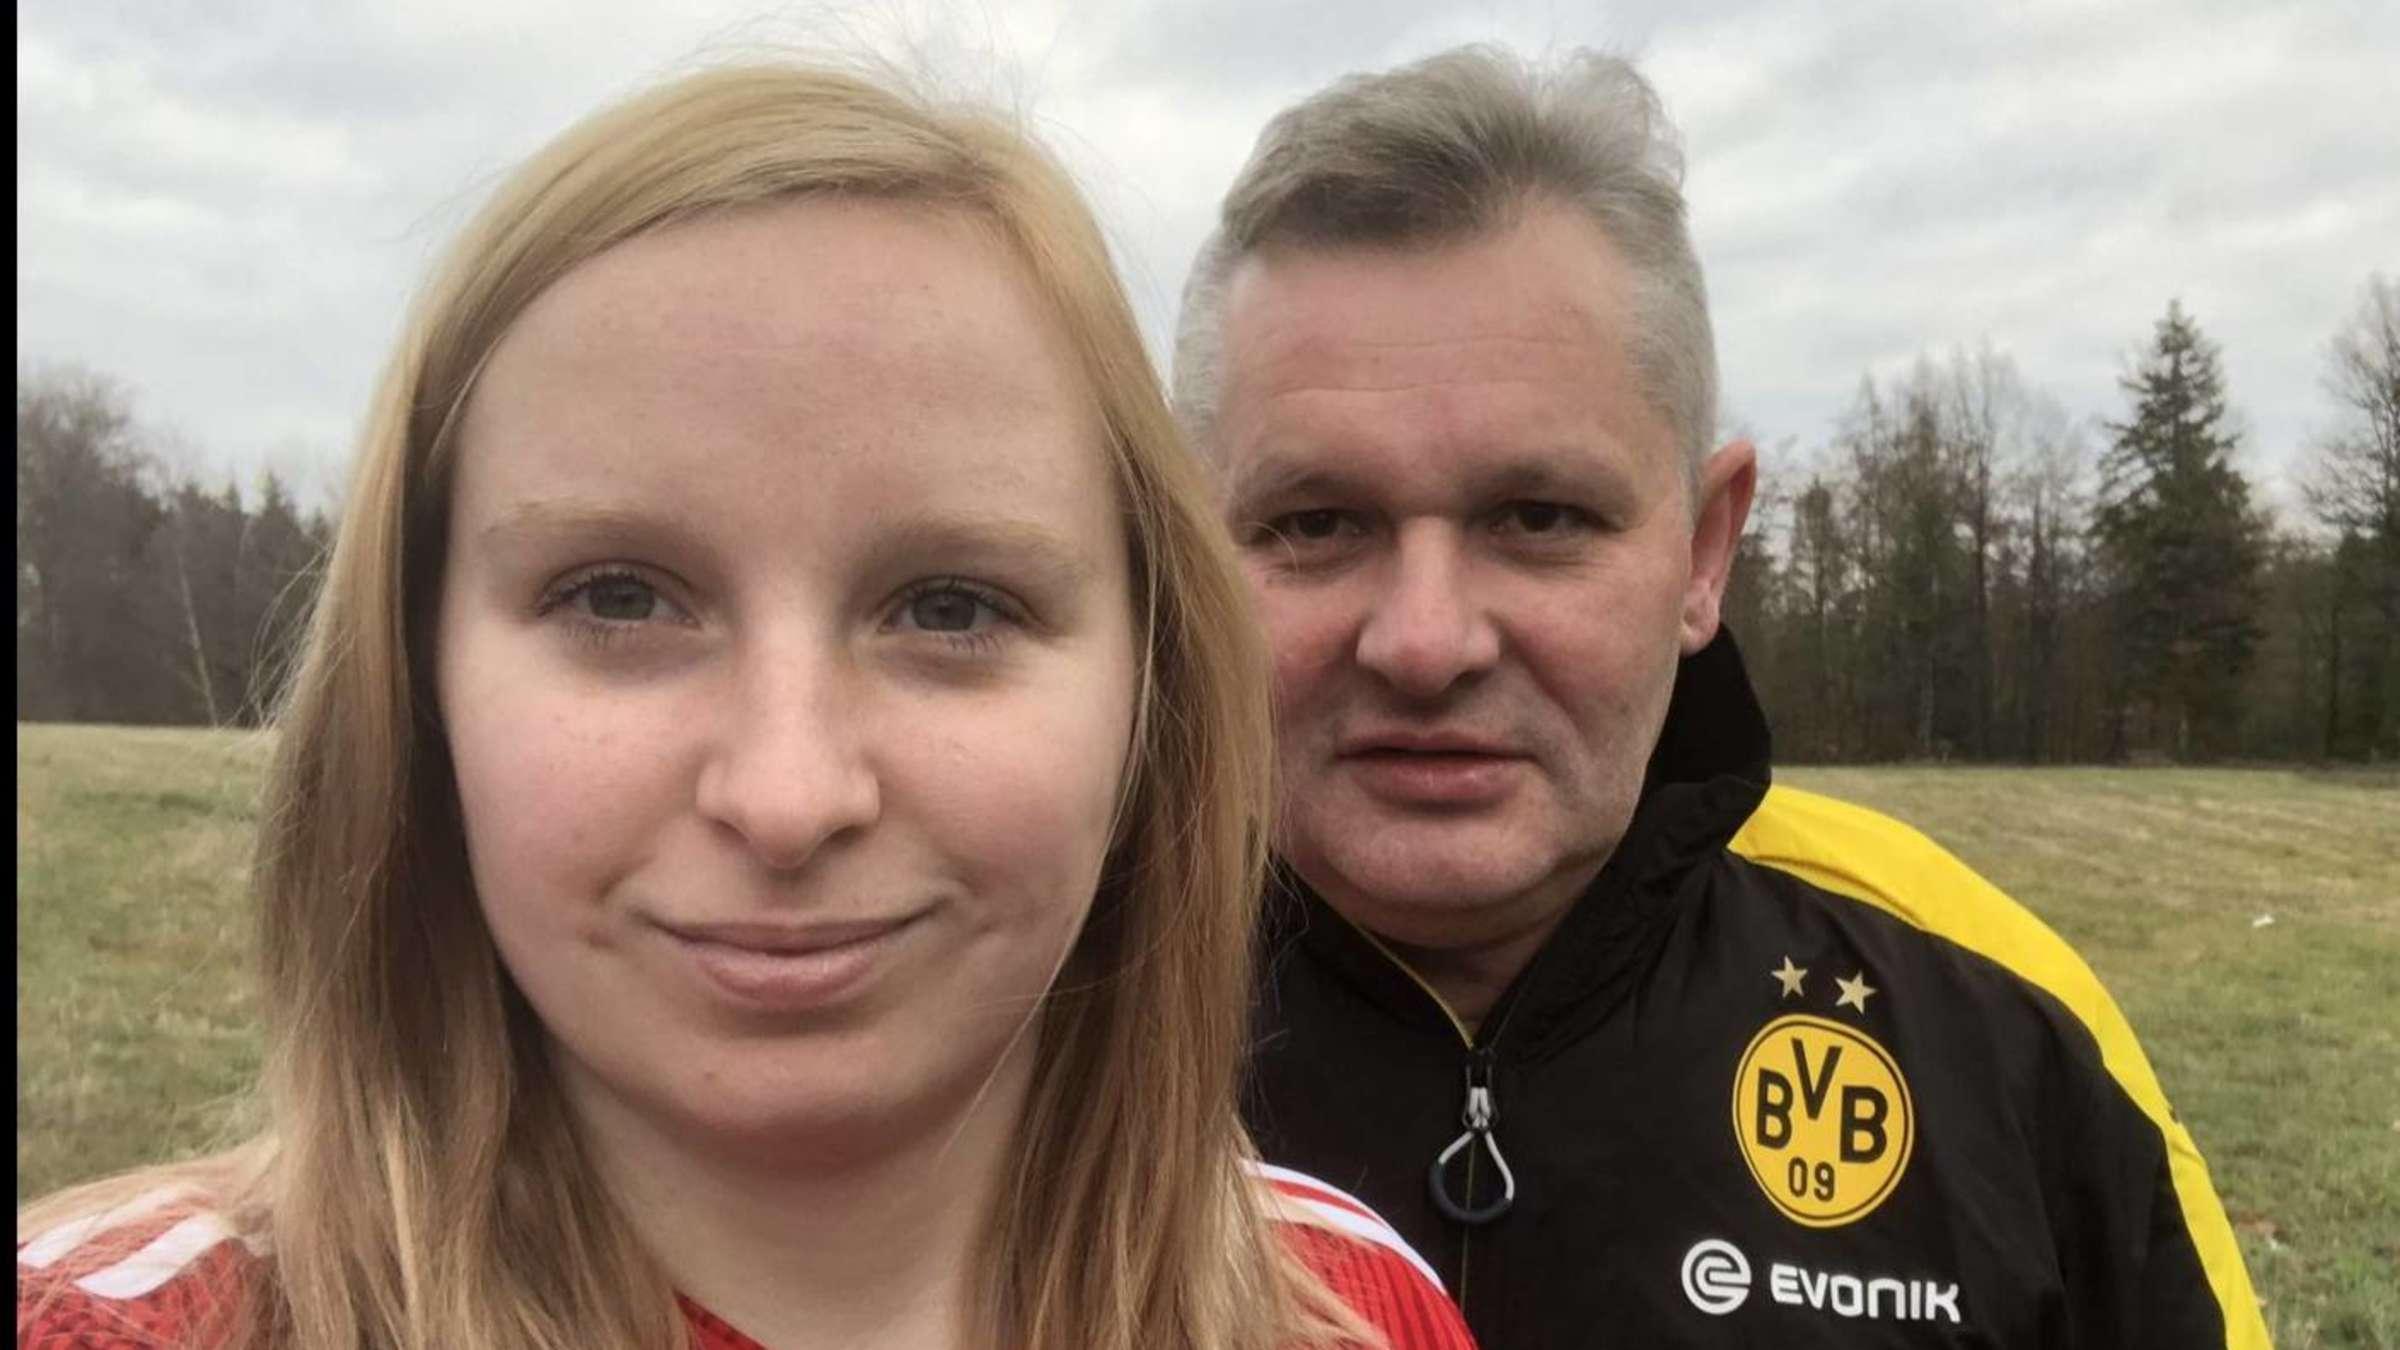 Bayern Gegen Dortmund Paare Als Fussball Fans Vor Dem